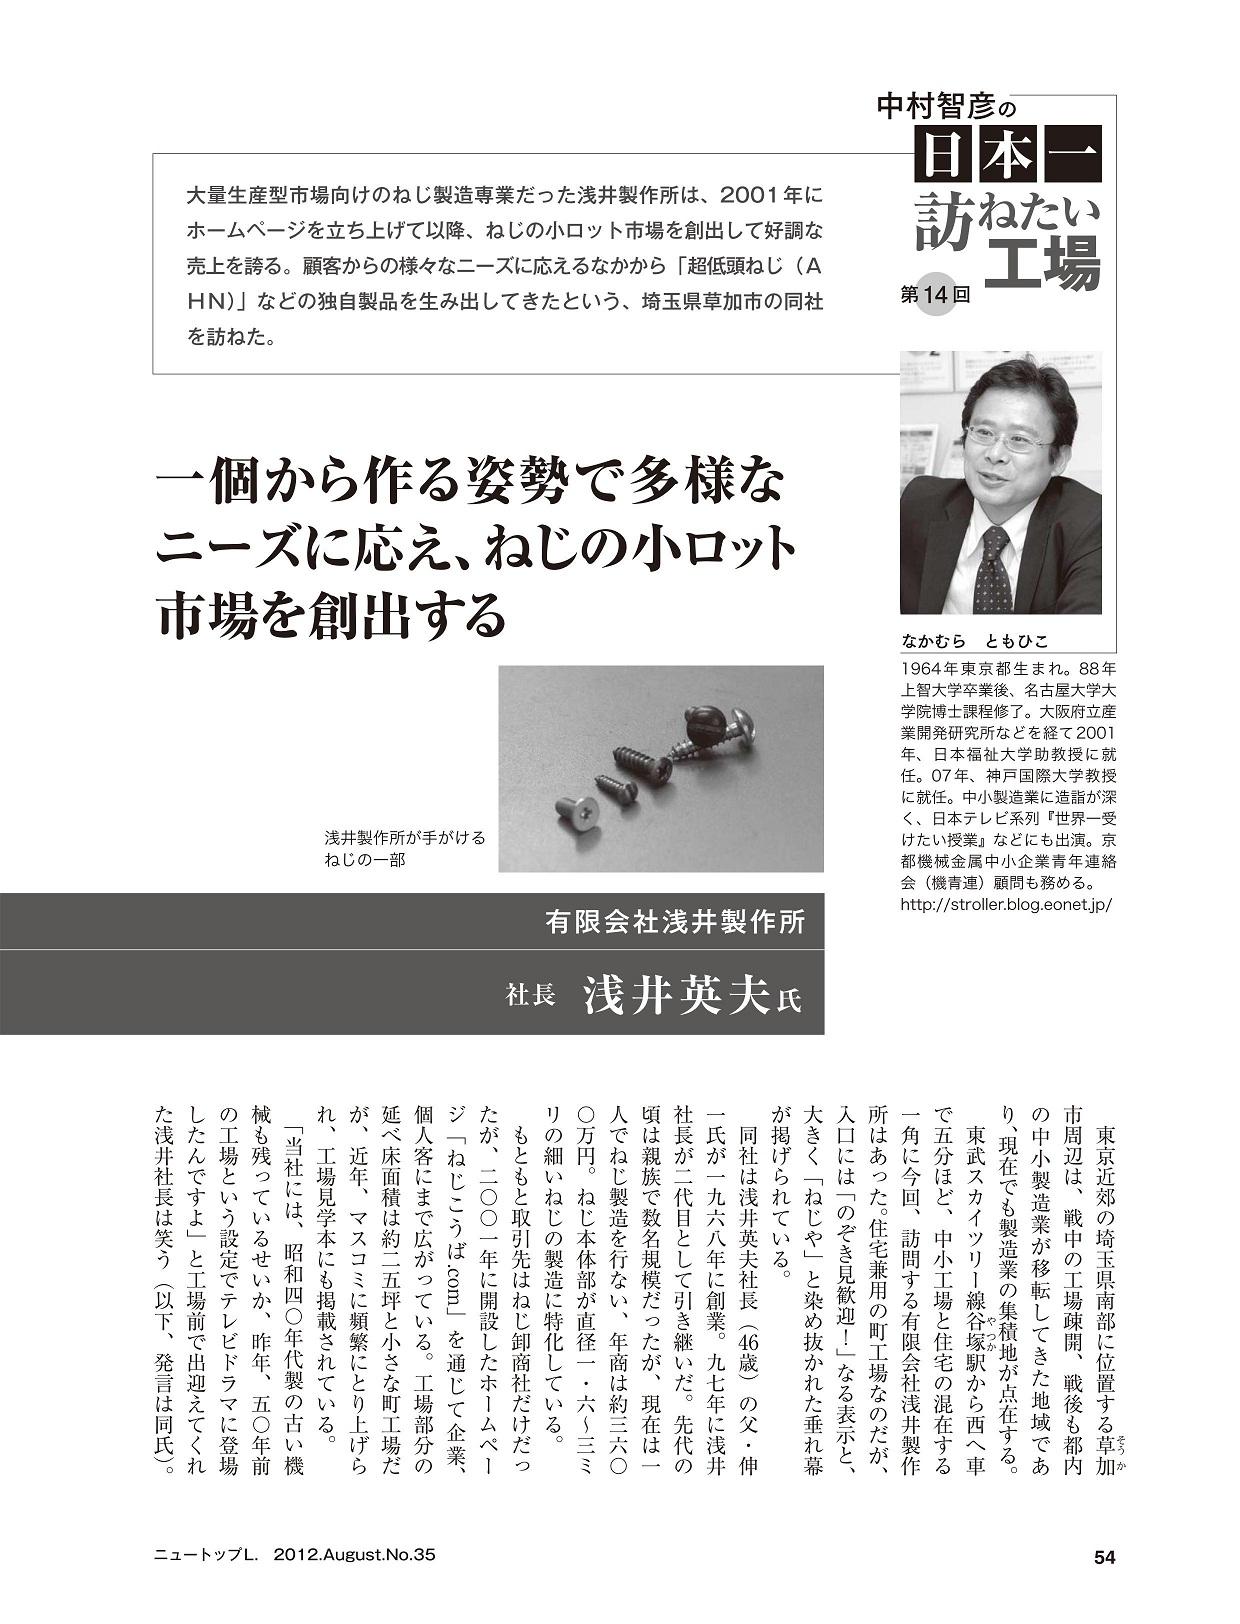 雑誌掲載情報の続き_e0061778_21335642.jpg